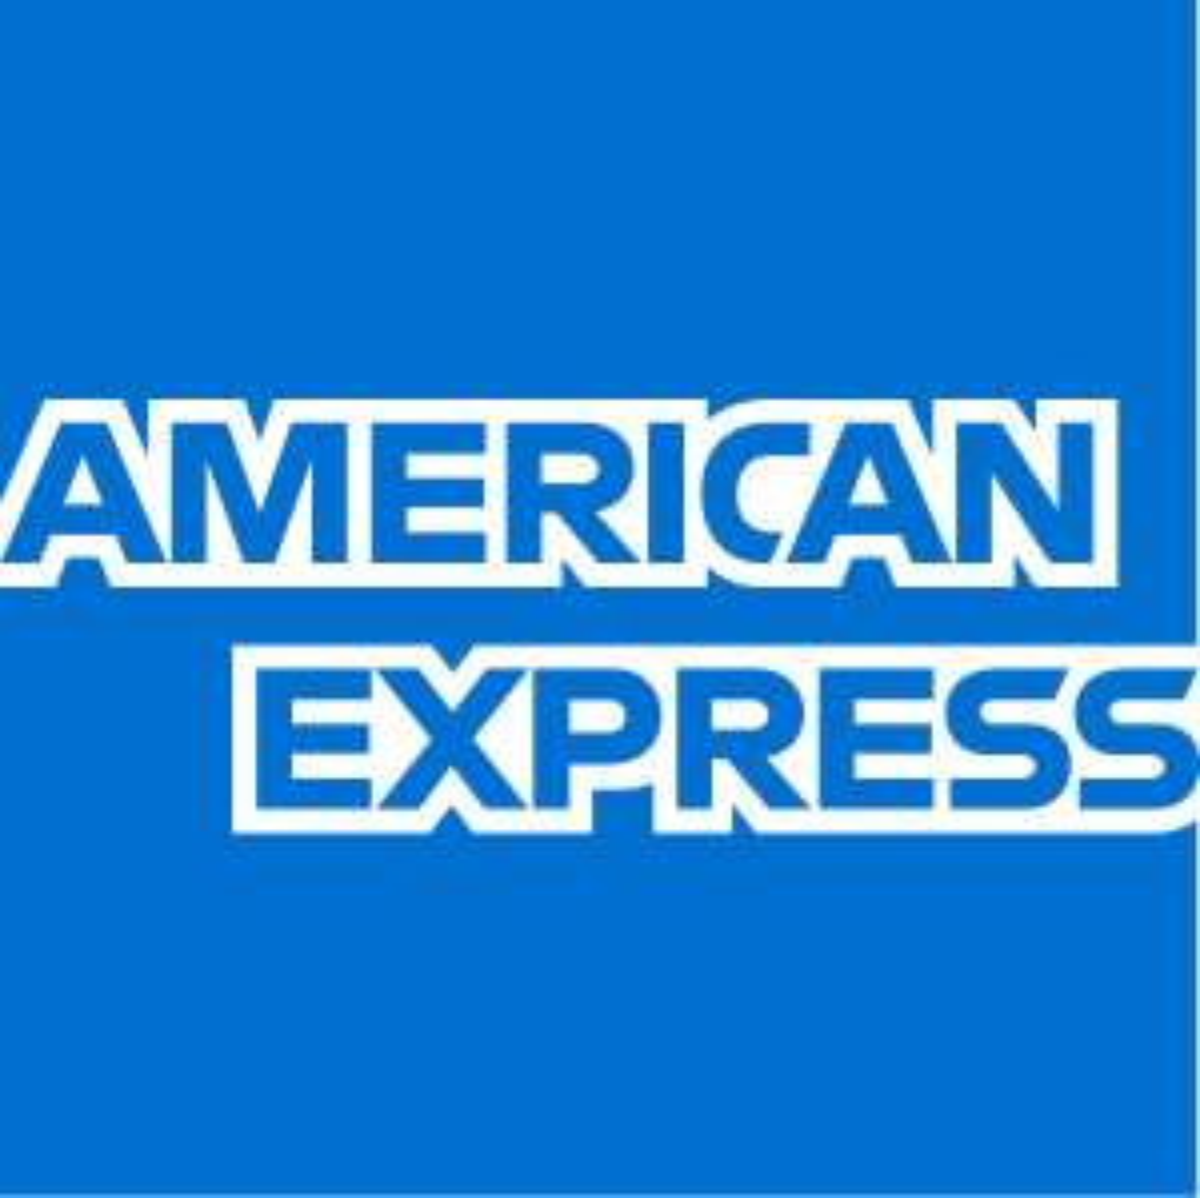 Amazon | Amex (Offers) ggf. Personalisiert (Payback / Blue) 5€ Gutschrift (bei 15€ Umsatz)